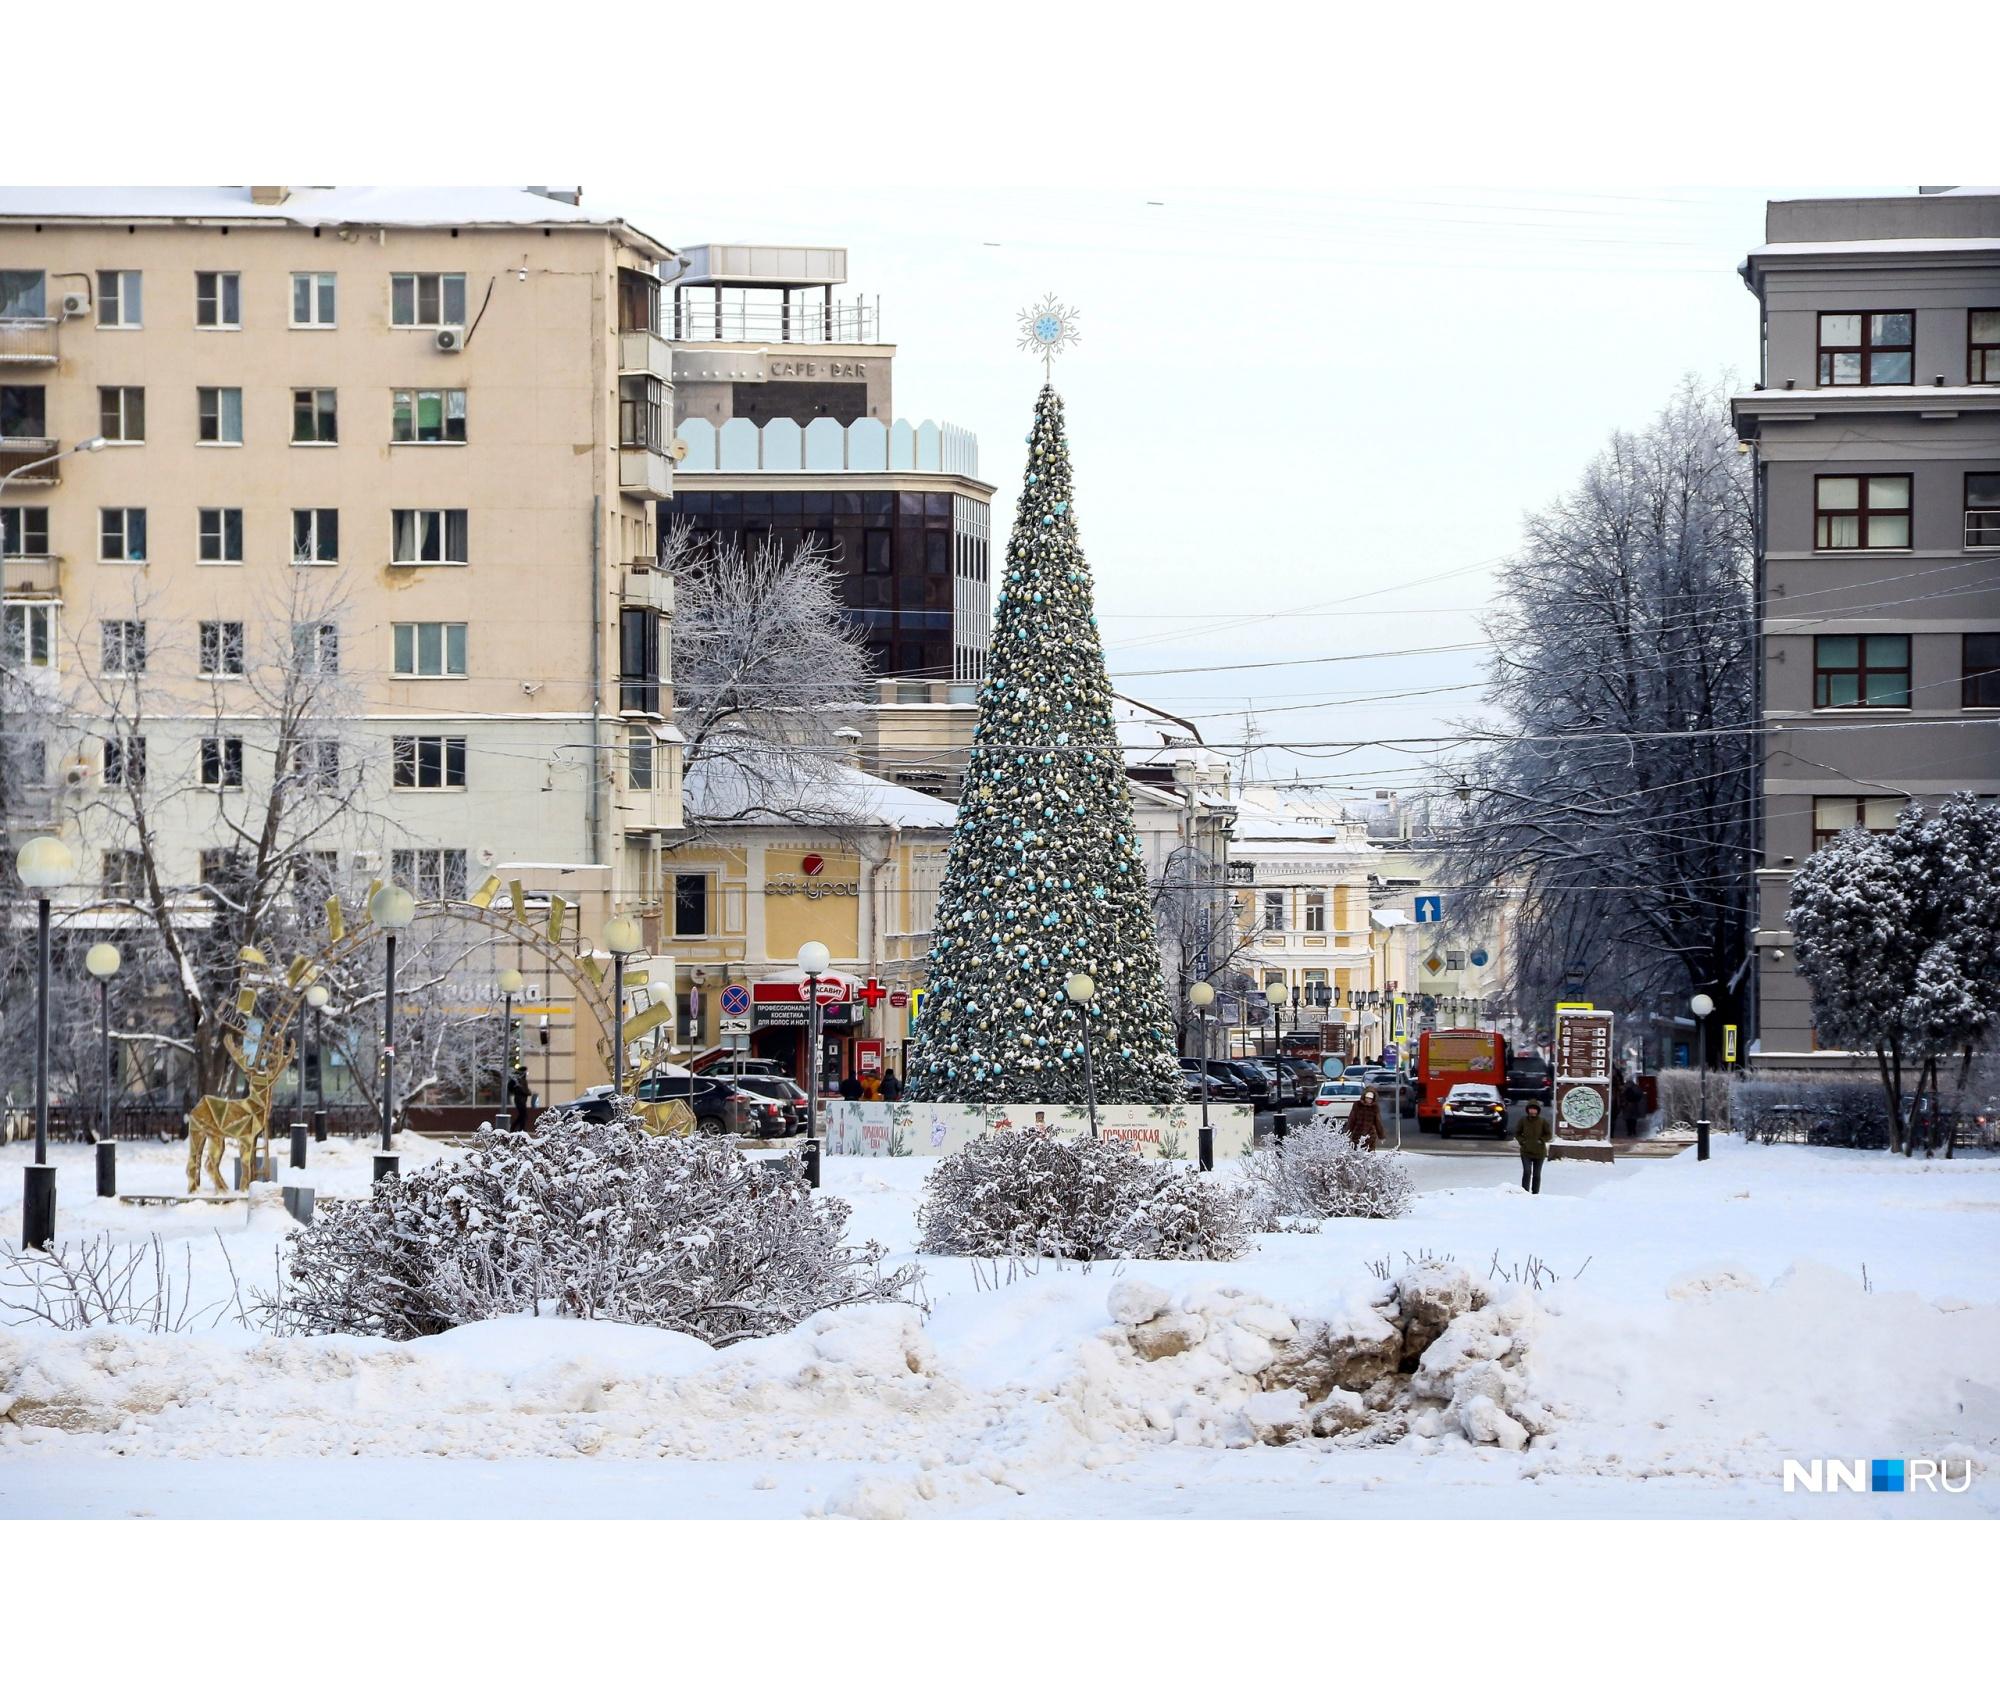 Многие нижегородцы рады, что на этот раз зима без аномальных сюрпризов: со снегом и холодом